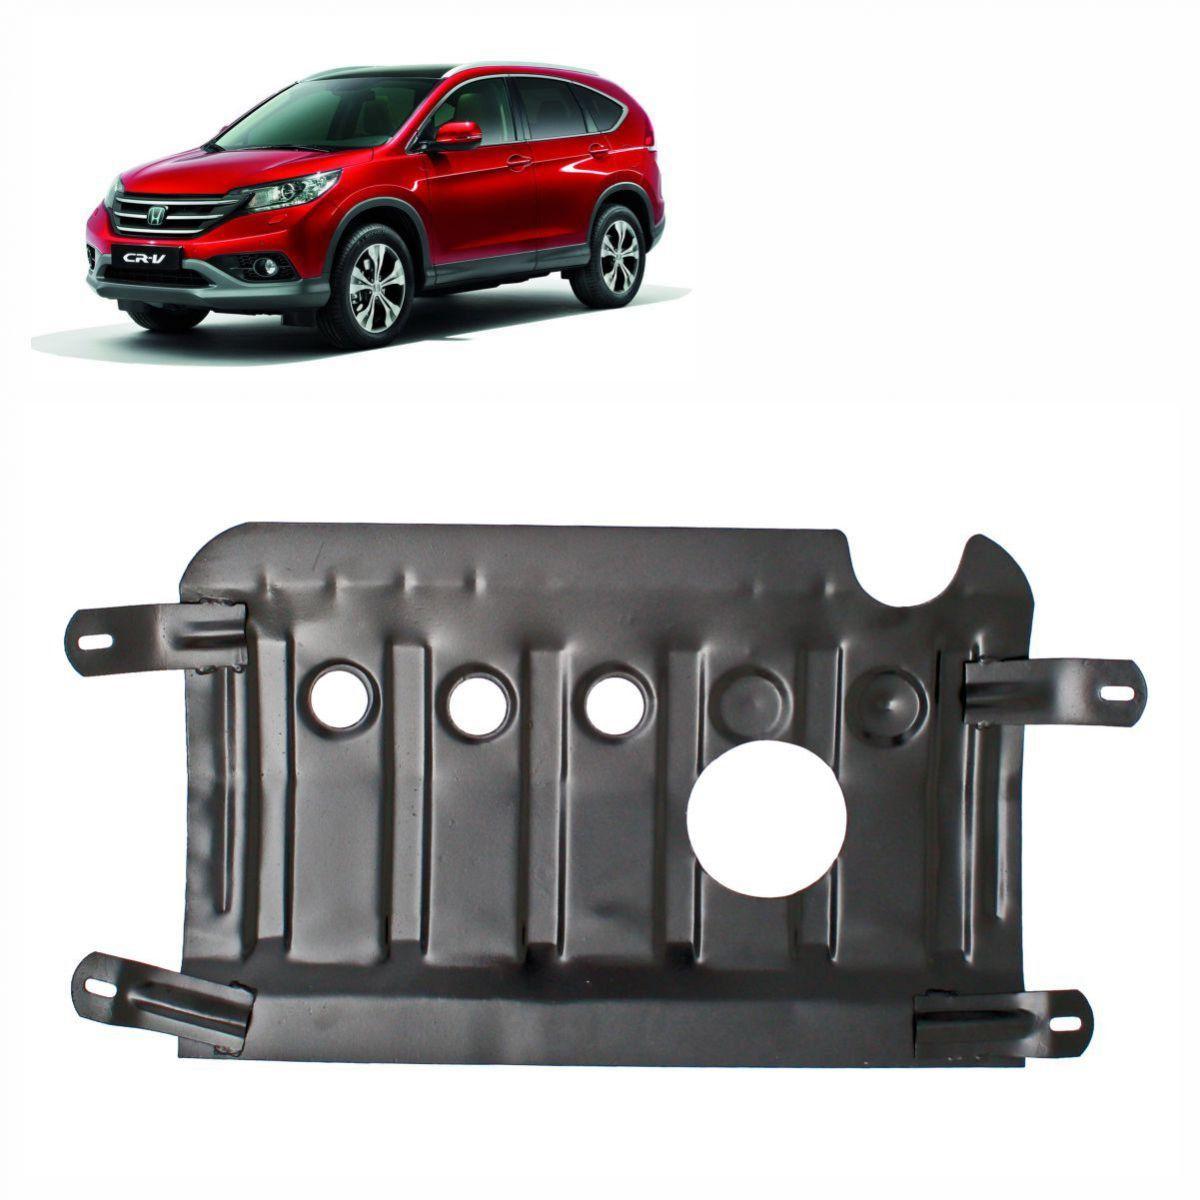 Protetor de Cárter para Honda CR-V 2013 a 2015